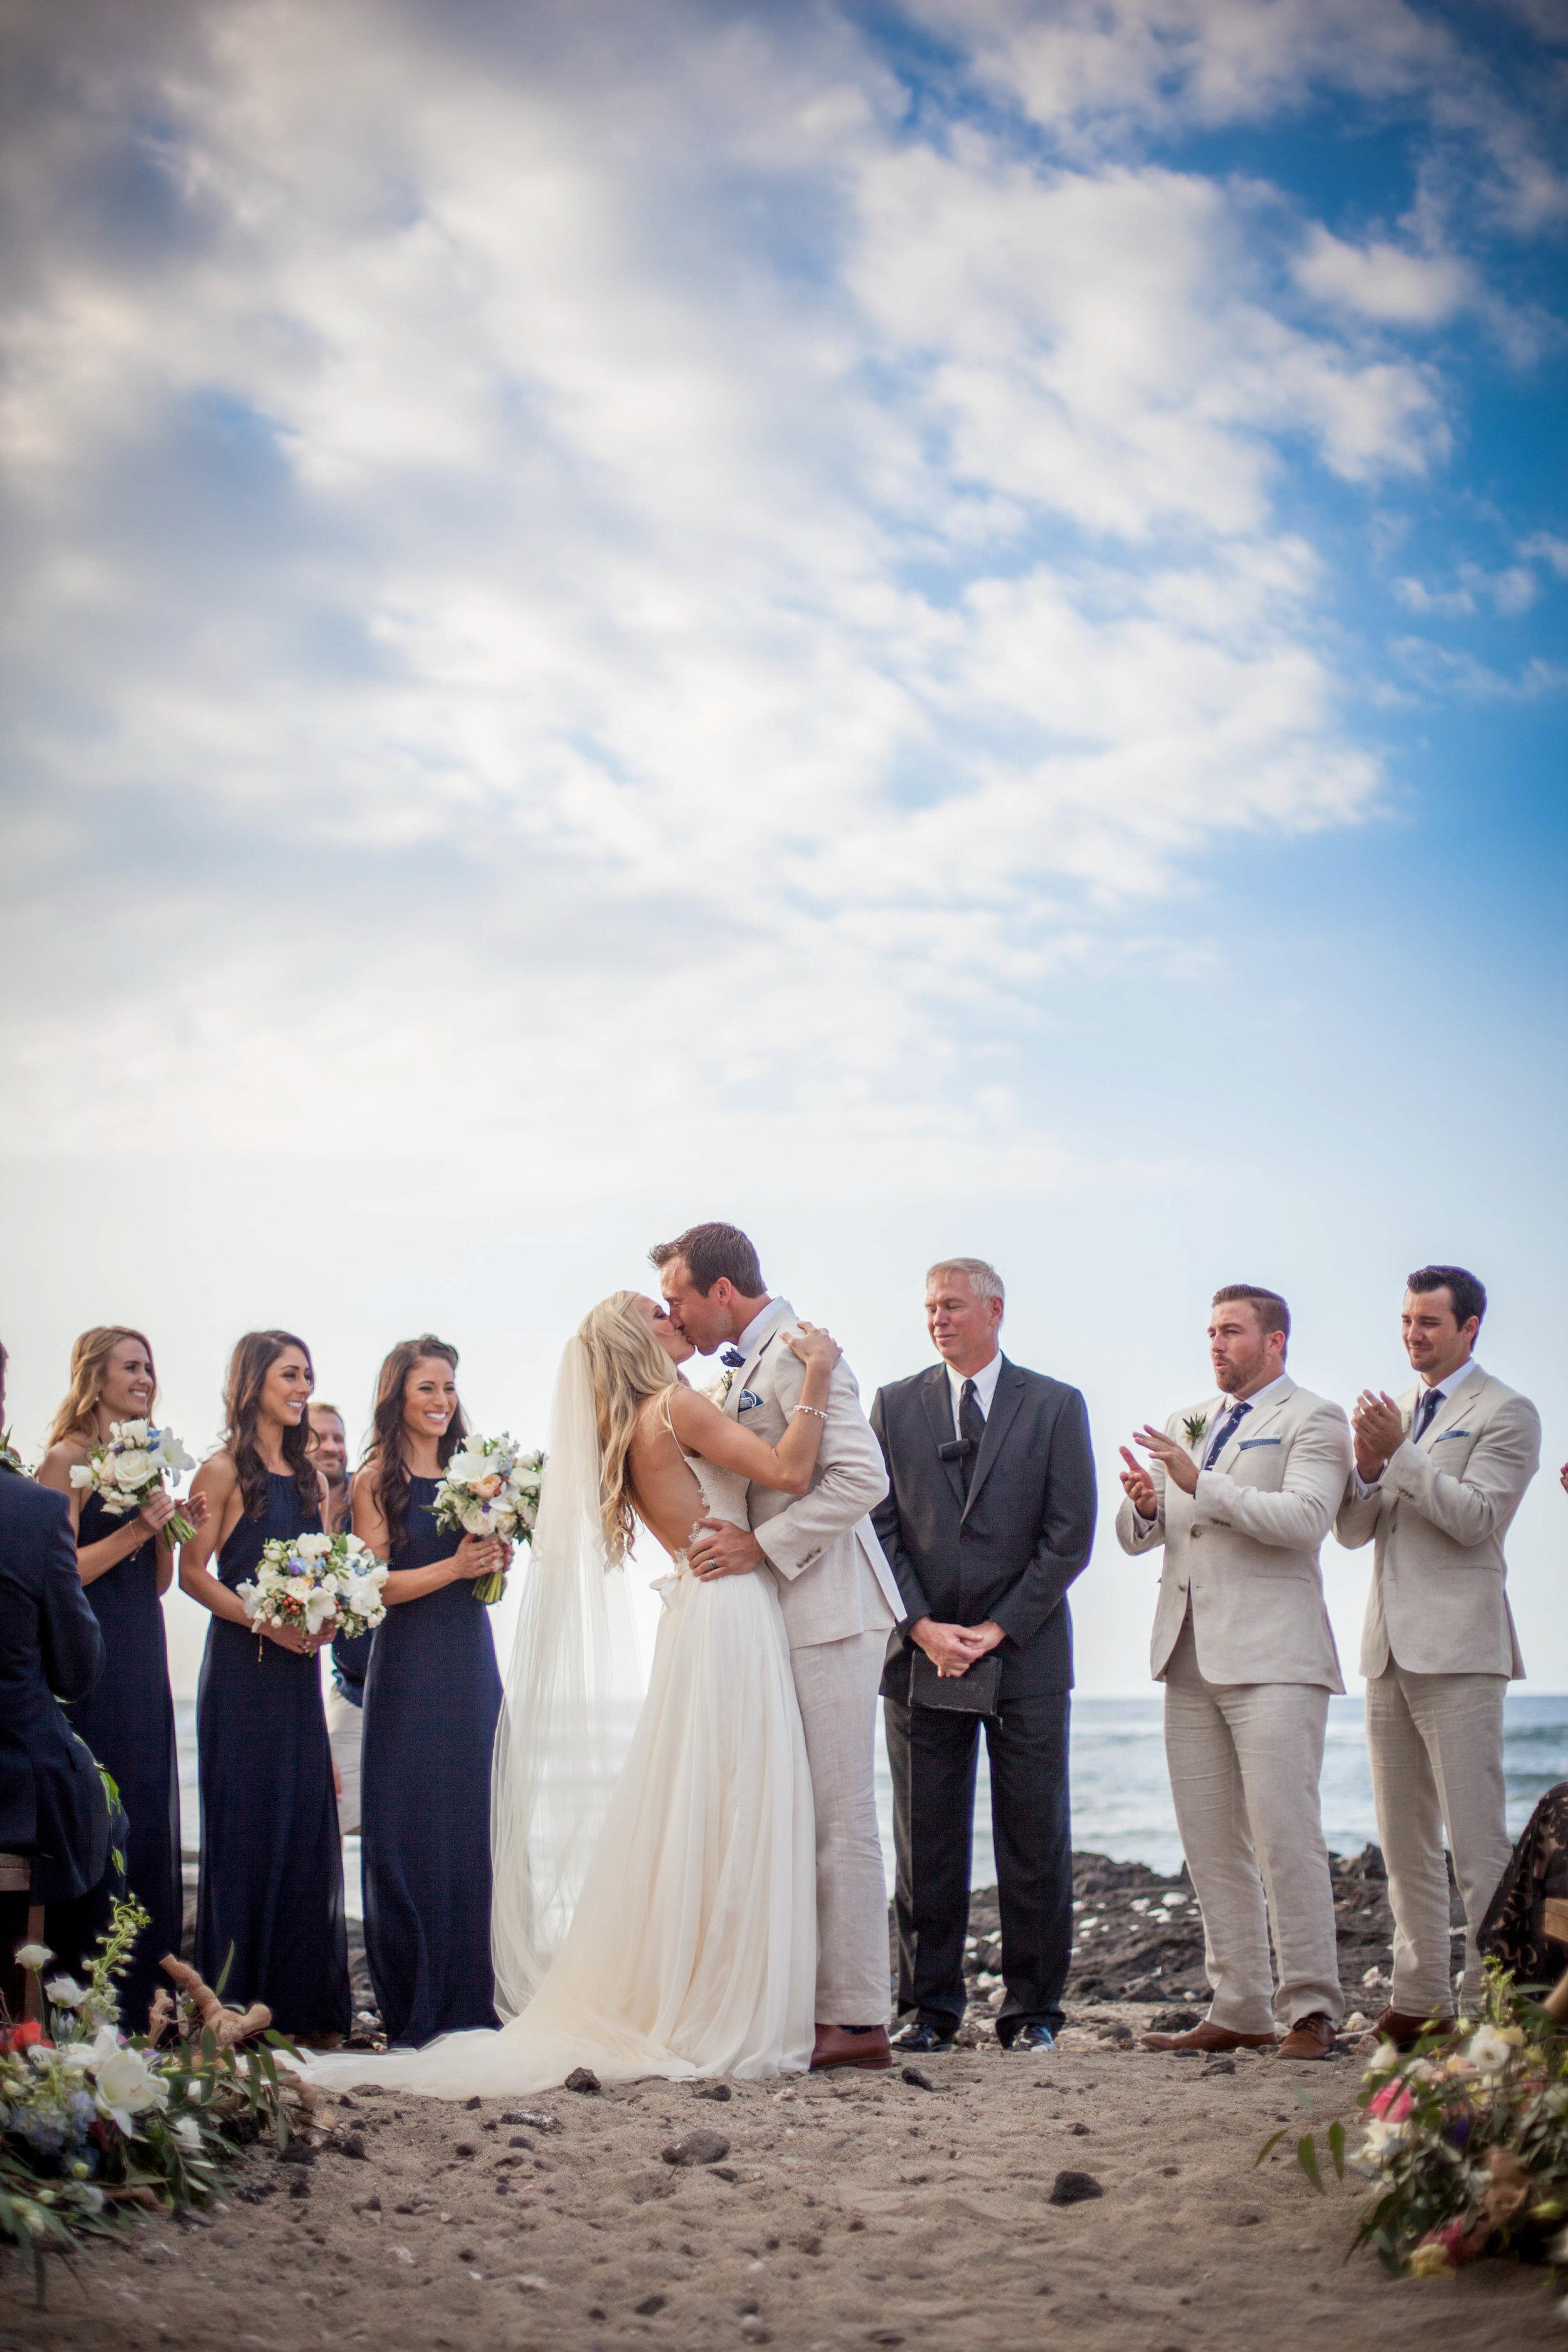 big island hawaii mauna lani resort wedding © kelilina photography 20160131164242-1.jpg